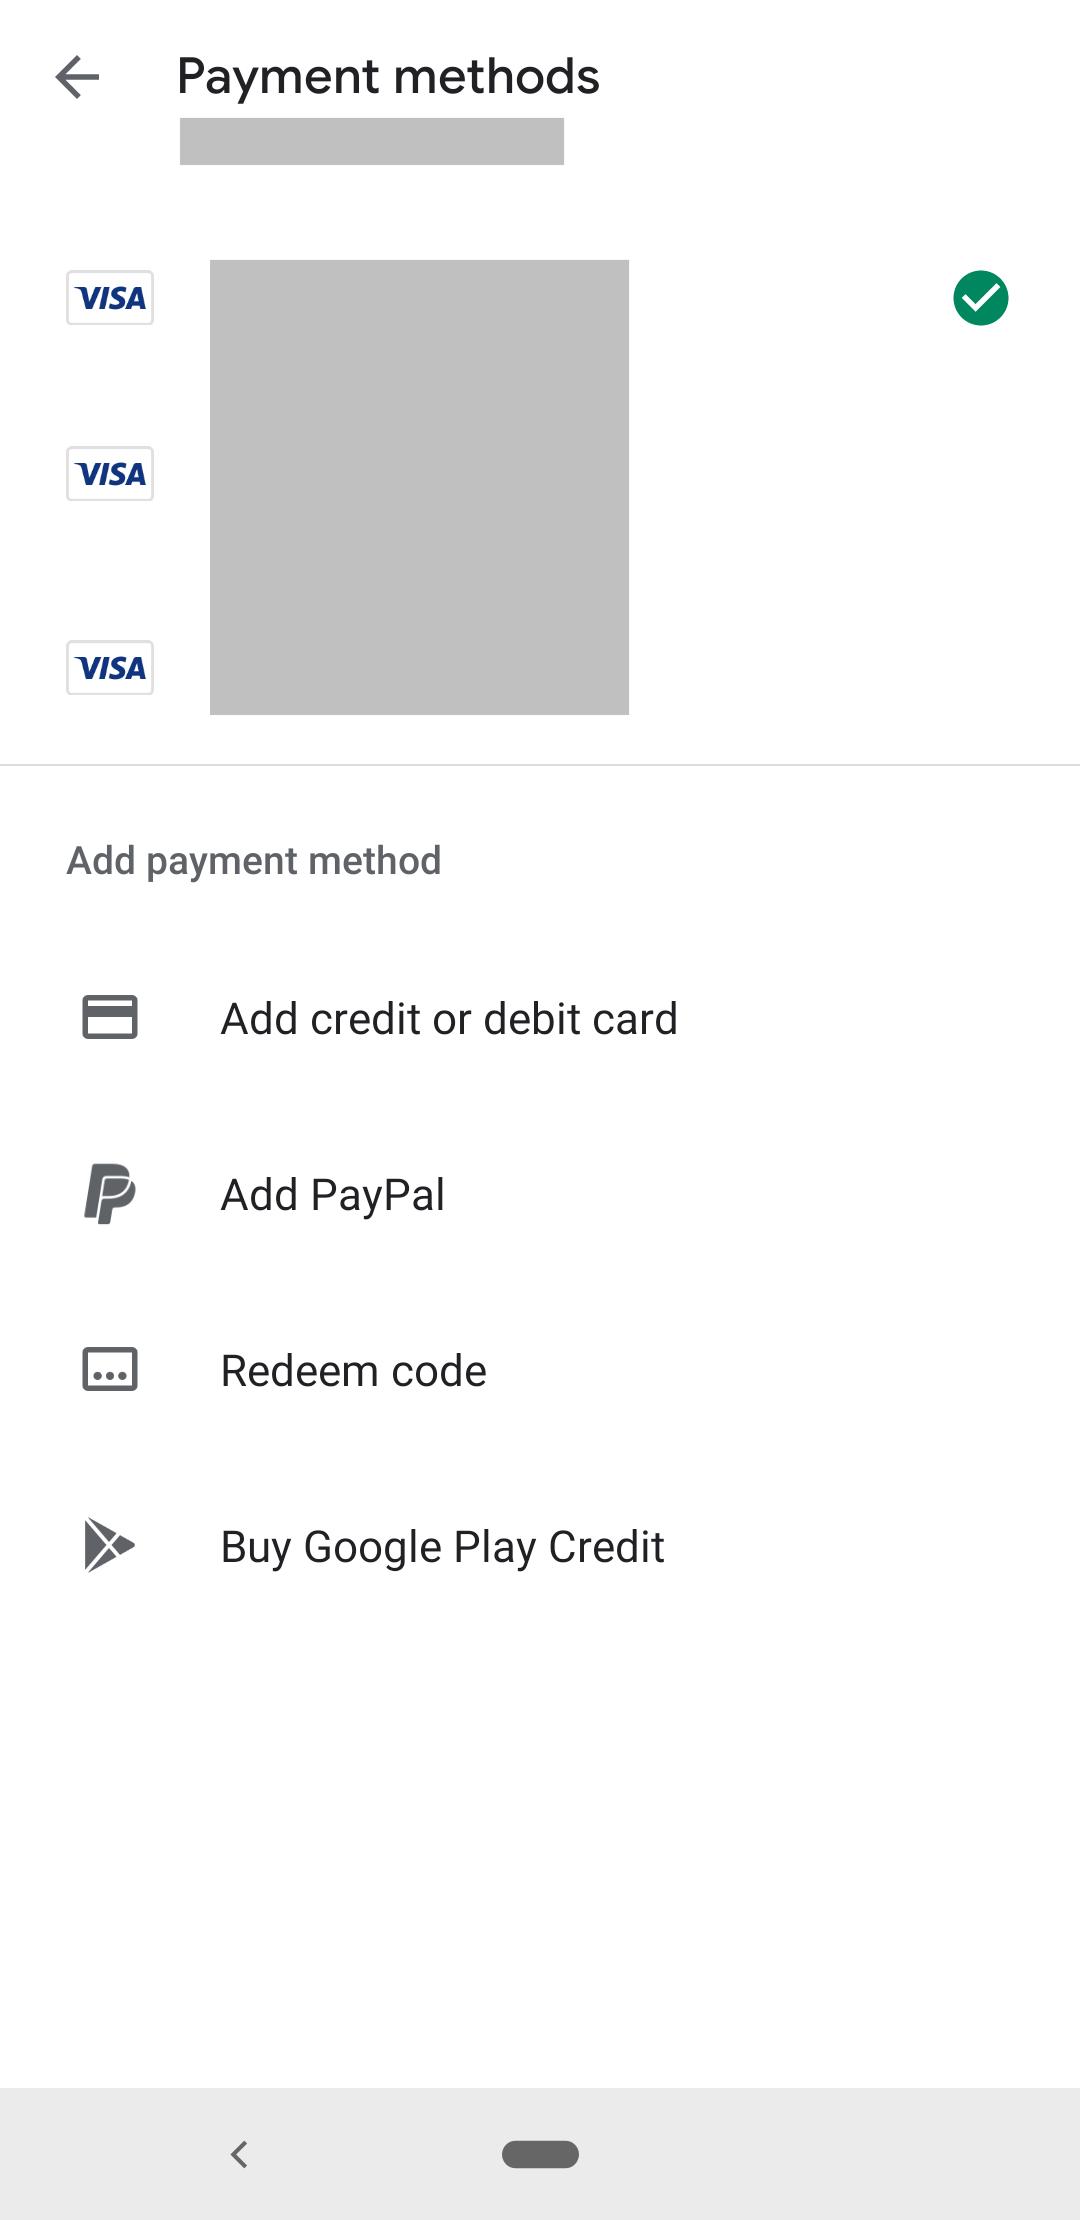 Tela que lista as formas de pagamento para uma compra no aplicativo